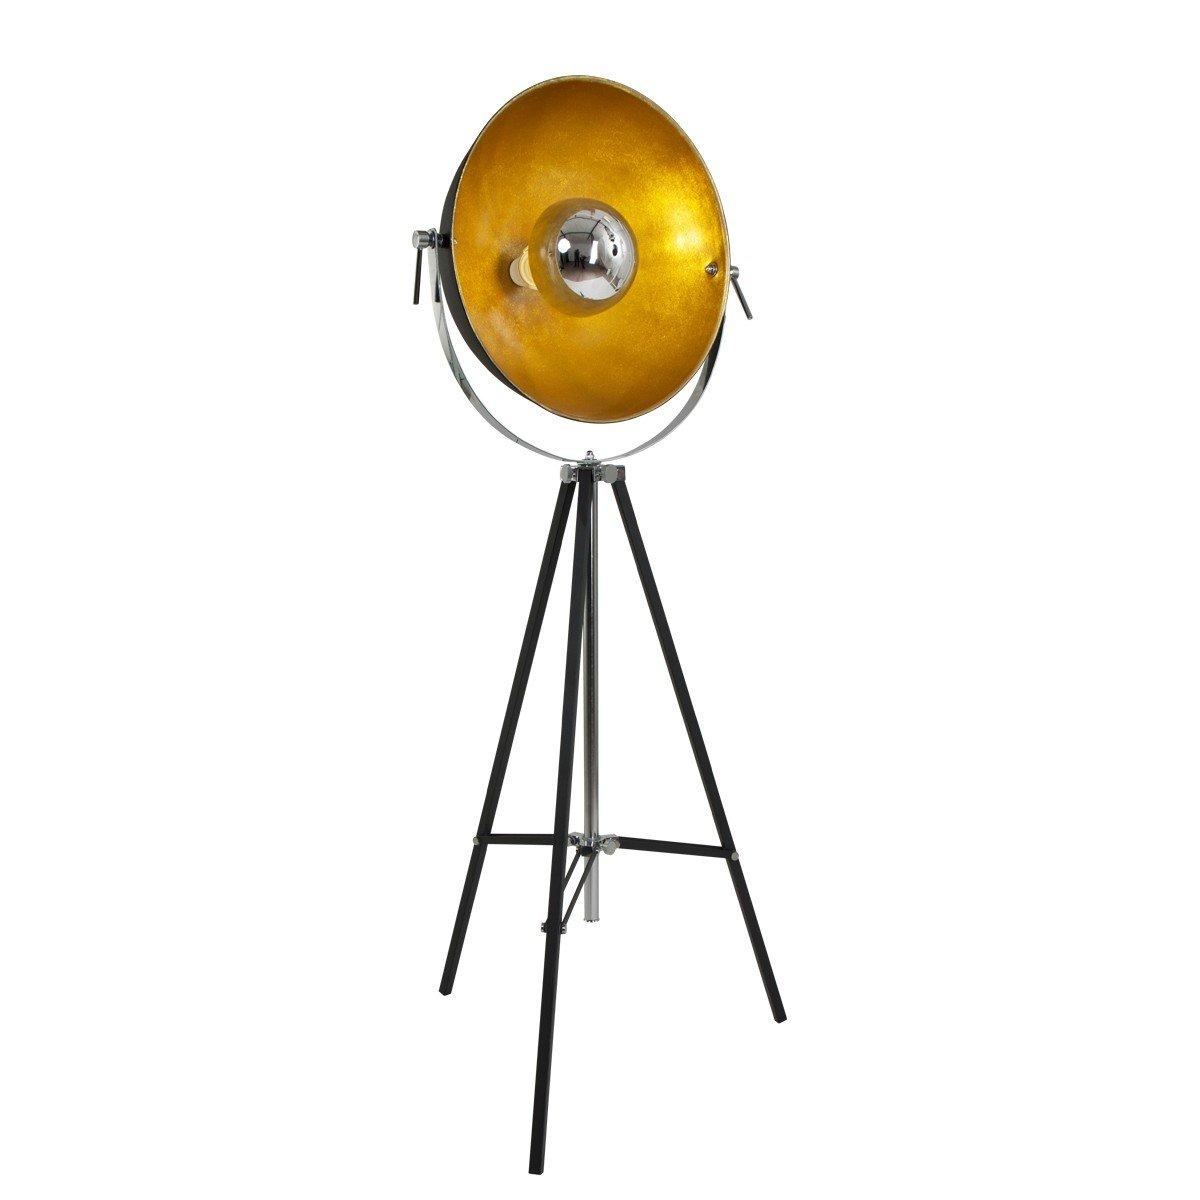 Vloerlamp Steinhauer Mexlite Vidar